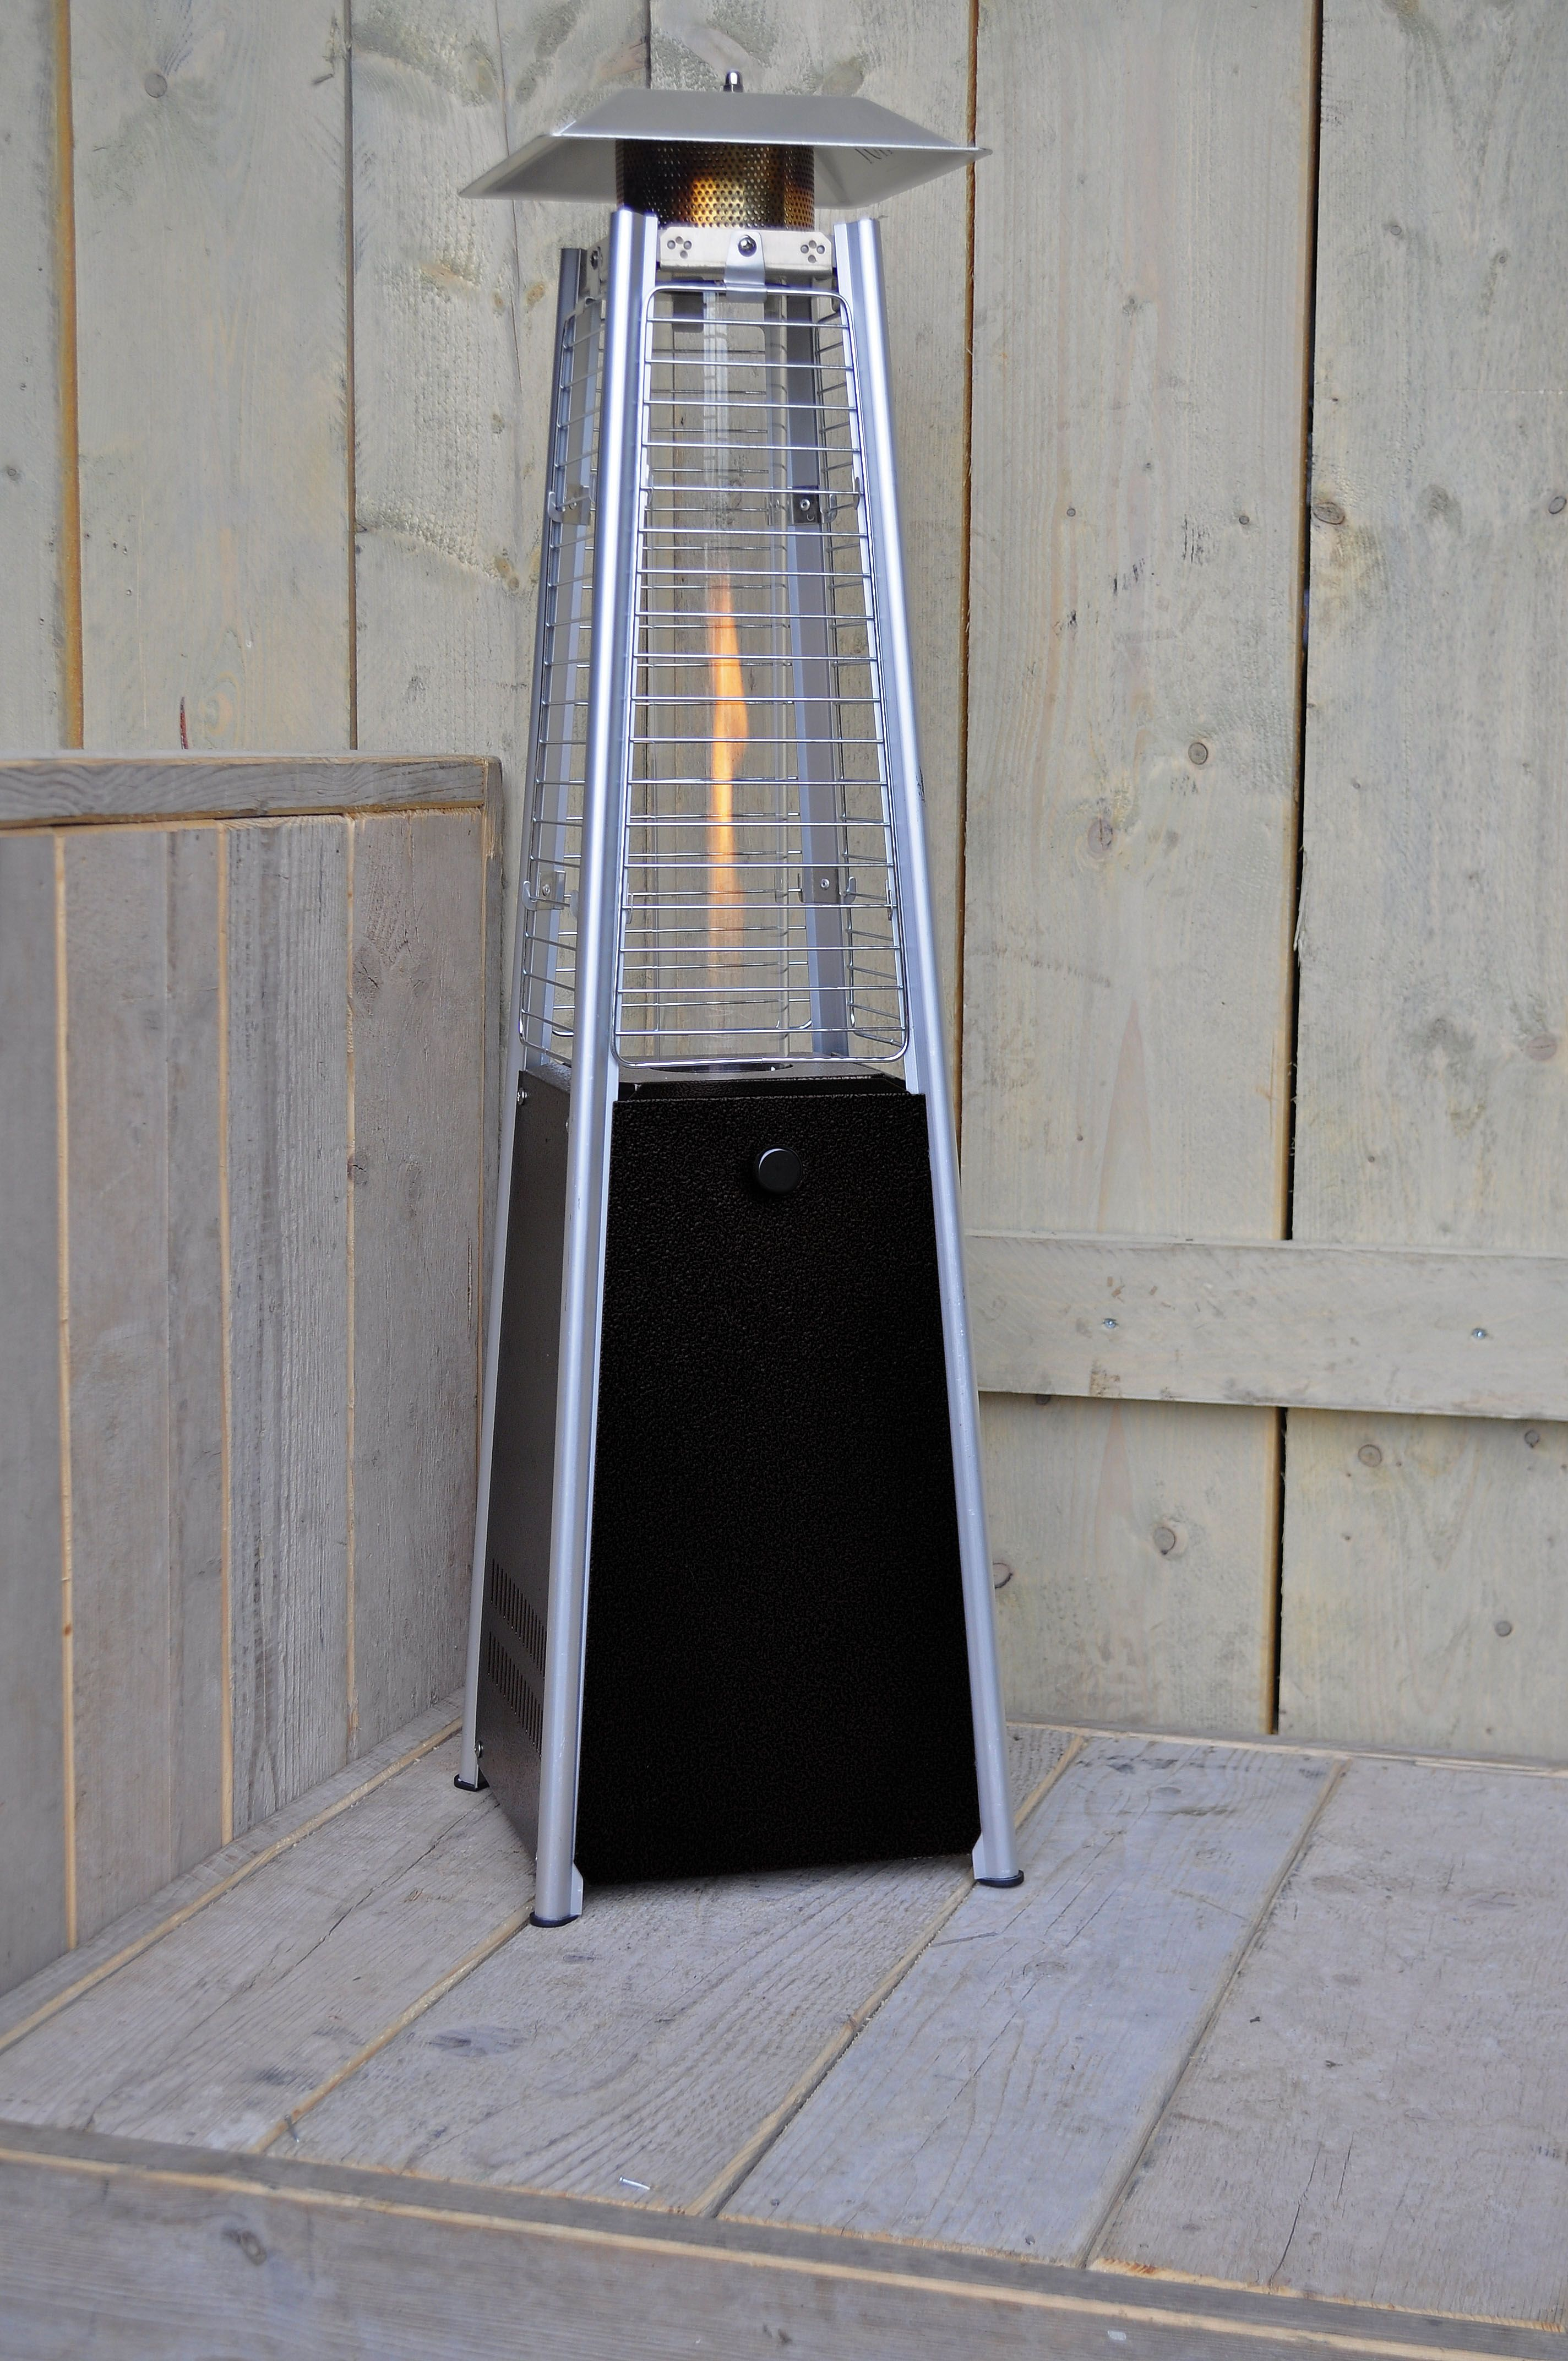 verl ngern sie die tage abende auf ihrer terrasse oder balkon mit unserem heizstrahler dieses. Black Bedroom Furniture Sets. Home Design Ideas